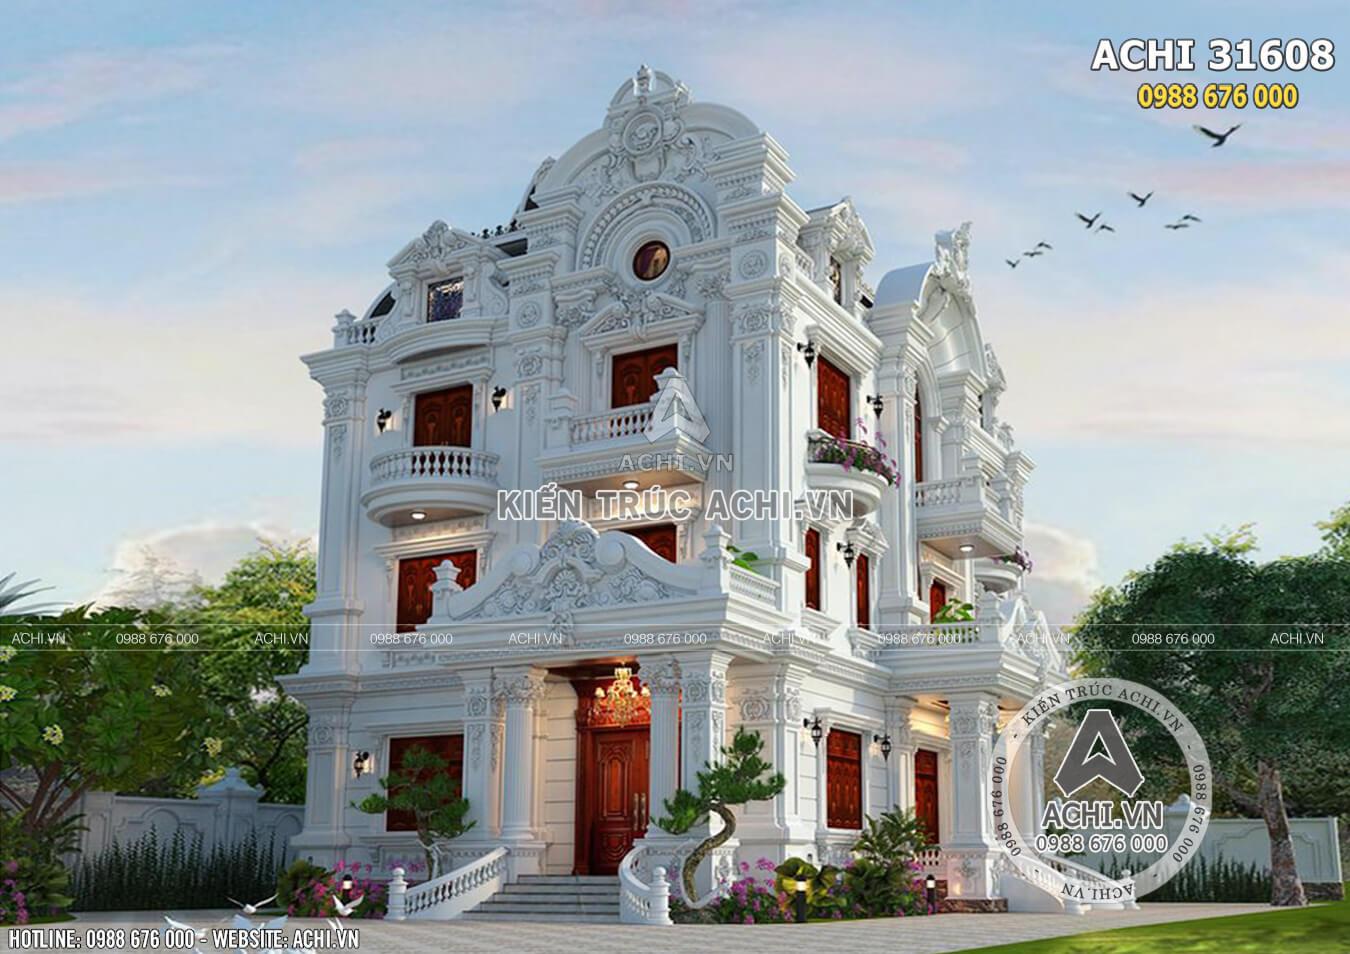 Vẻ đẹp kiêu kỳ, sang trọng và đẳng cấp của mẫu biệt thự 3 tầng tân cổ điển khiến ai cũng phải xuýt xoa